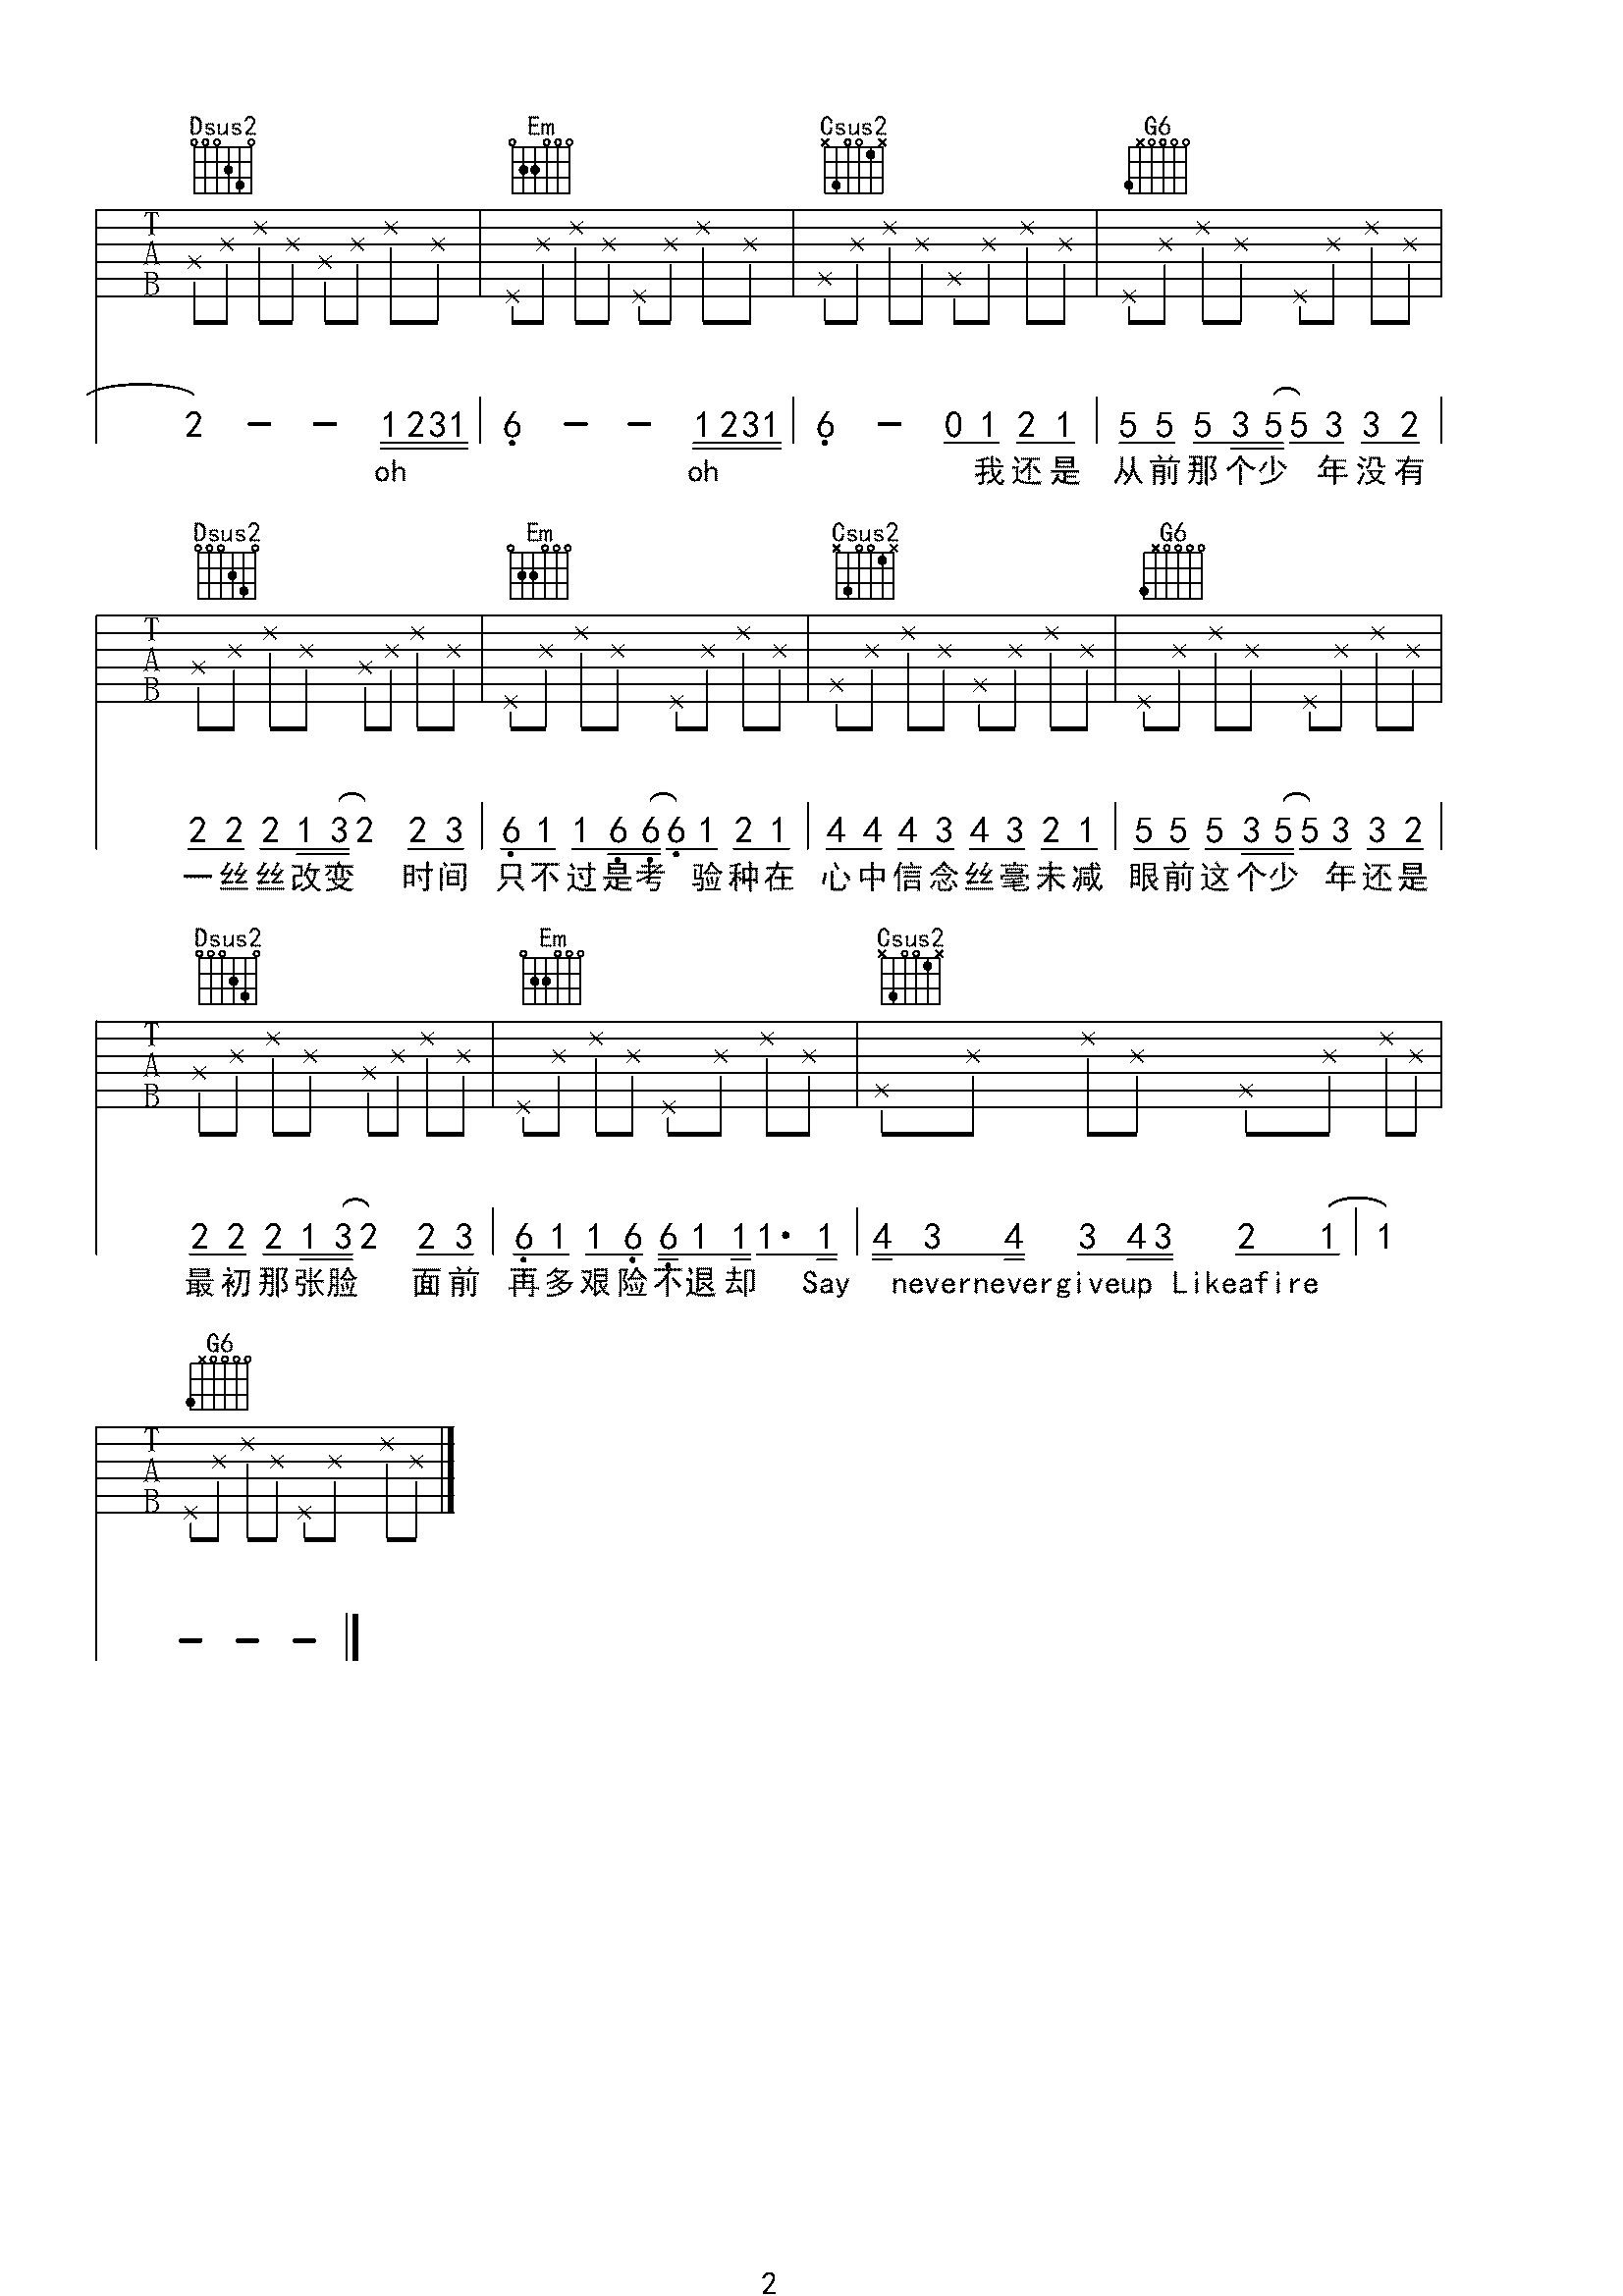 冬眠吉他曲谱_冬眠歌曲司南的曲谱